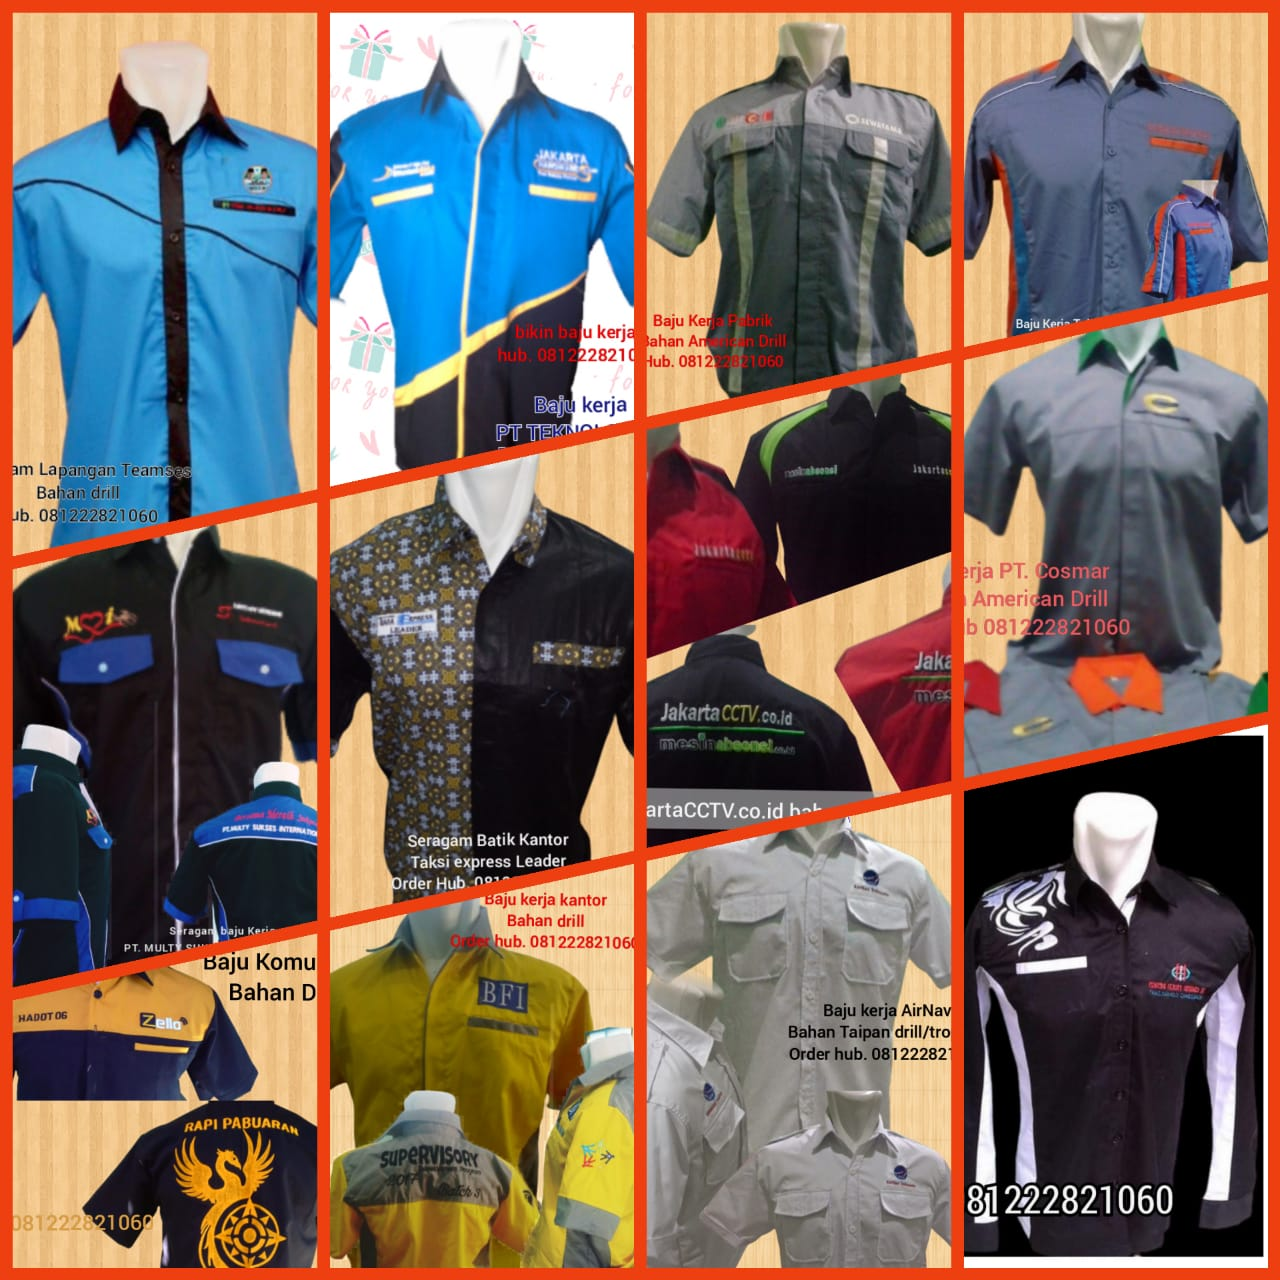 Baju Seragam Kerja Lapangan Serdang Bedagai Sumatera Utara